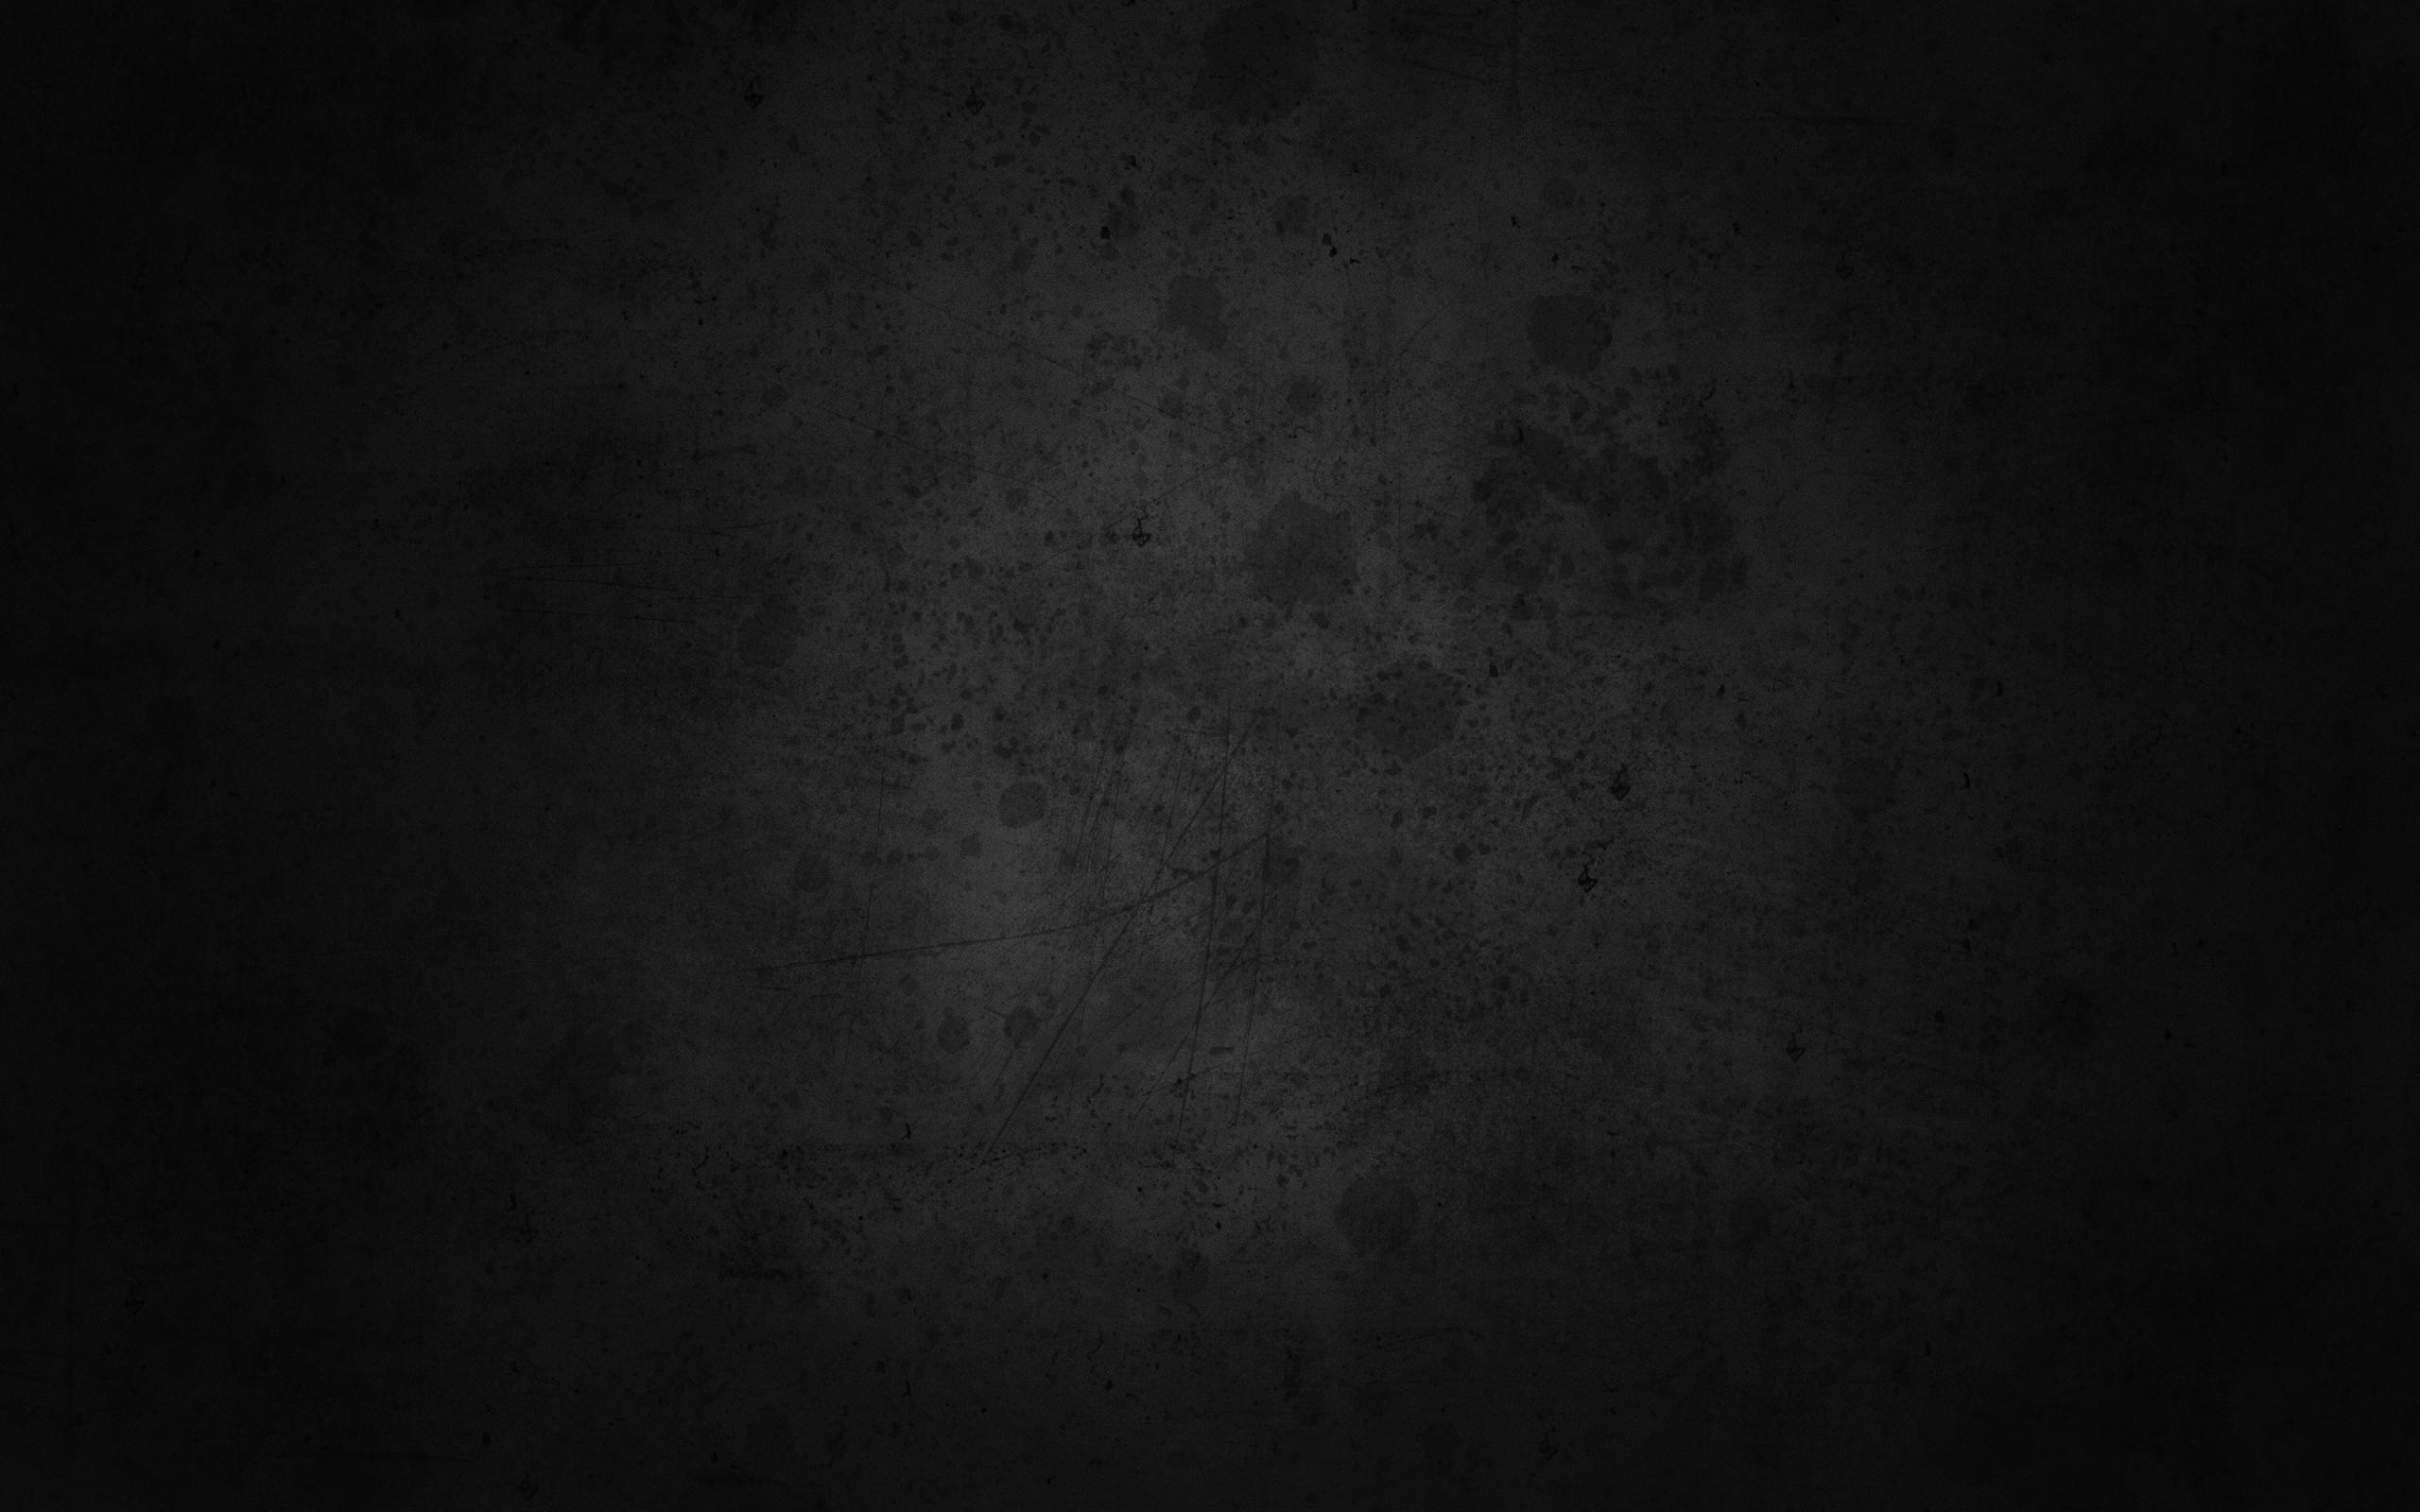 Black-Background-Images-4